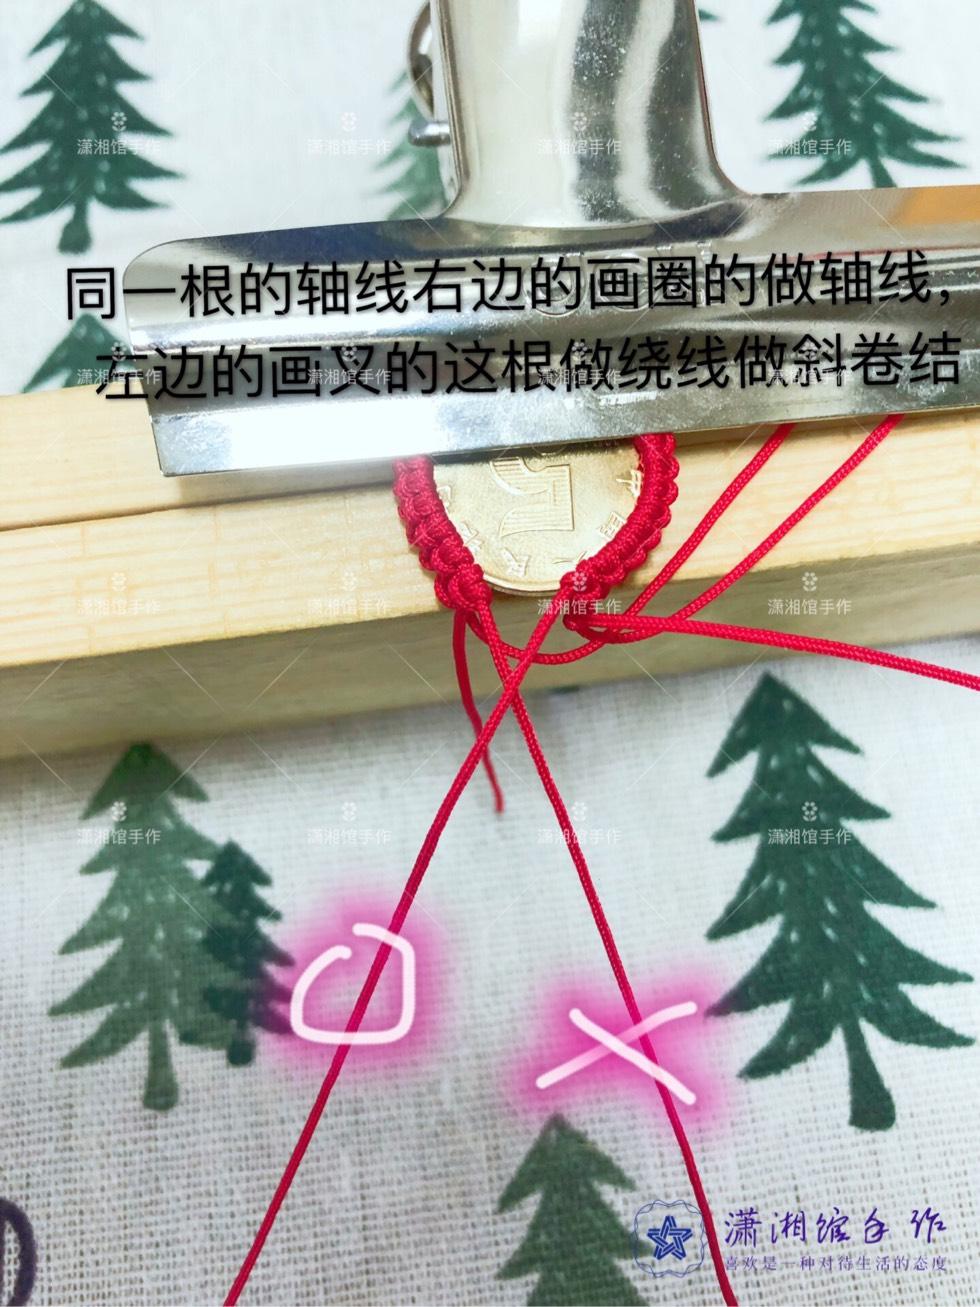 中国结论坛 硬币挂件天使翅膀钥匙扣教程  图文教程区 170039vllly2vsr5rvgl5l